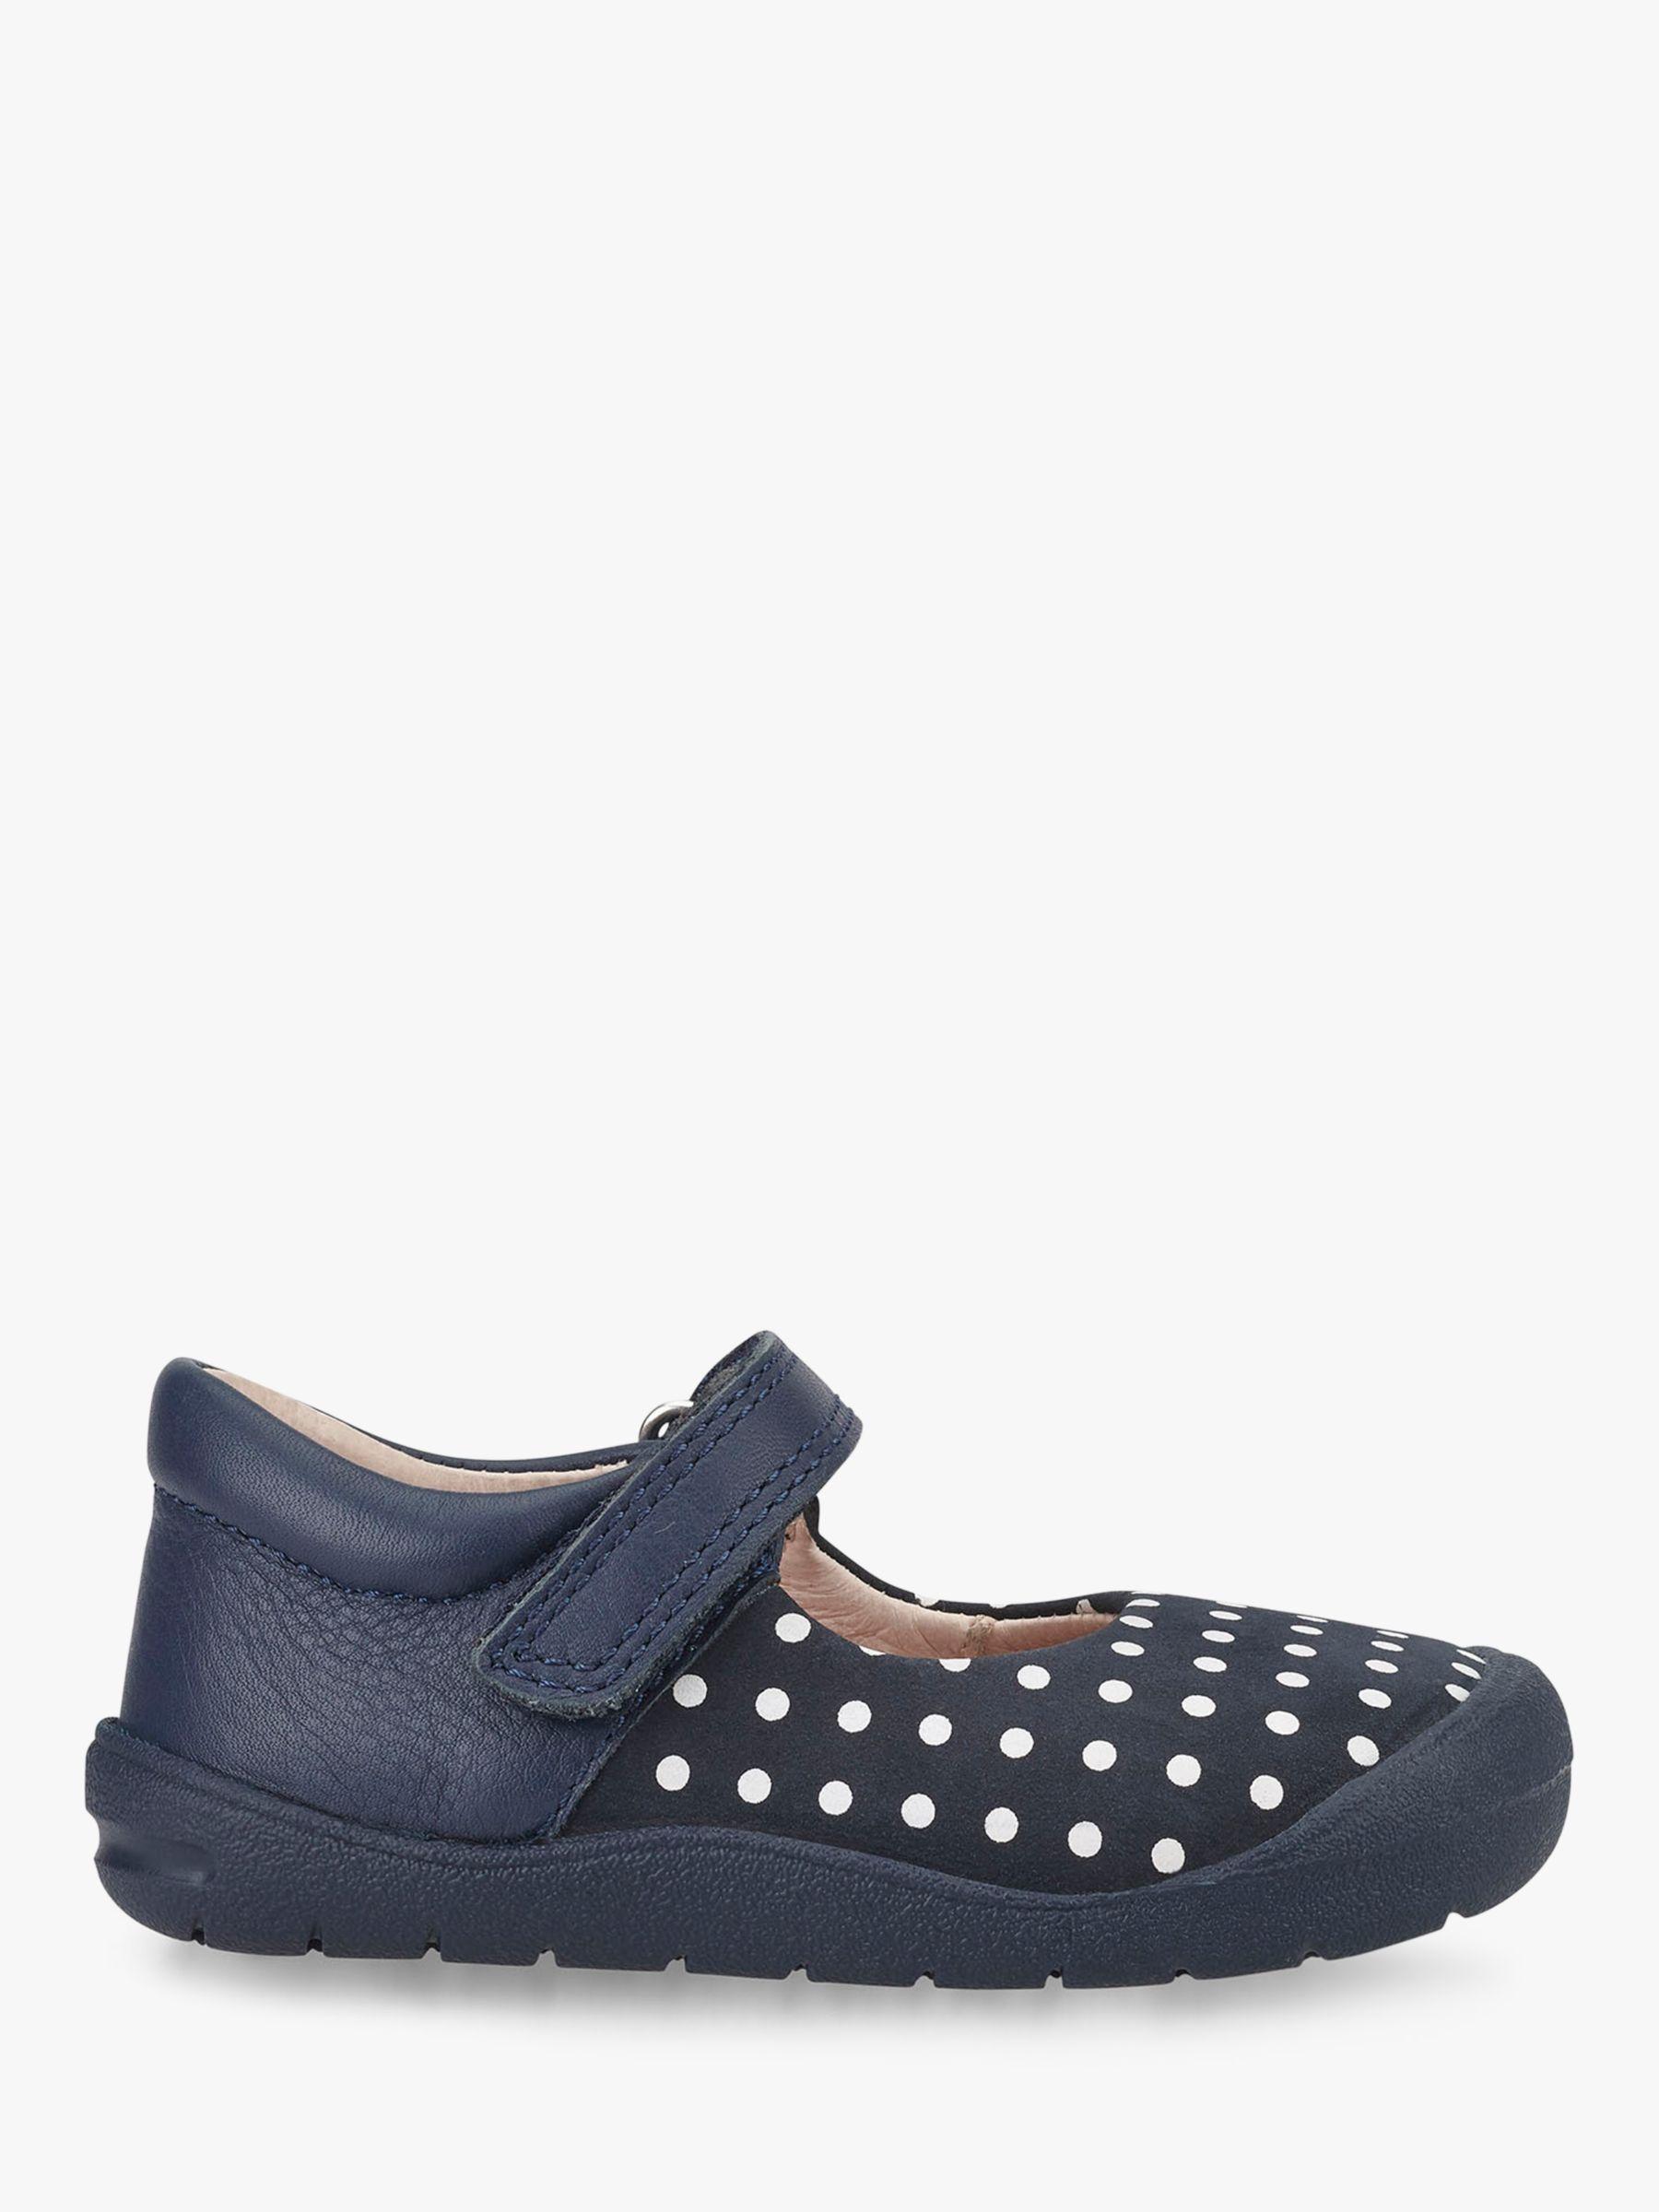 Start-Rite Start-rite Children's Joy T-Bar Riptape Pre-Walker Shoes